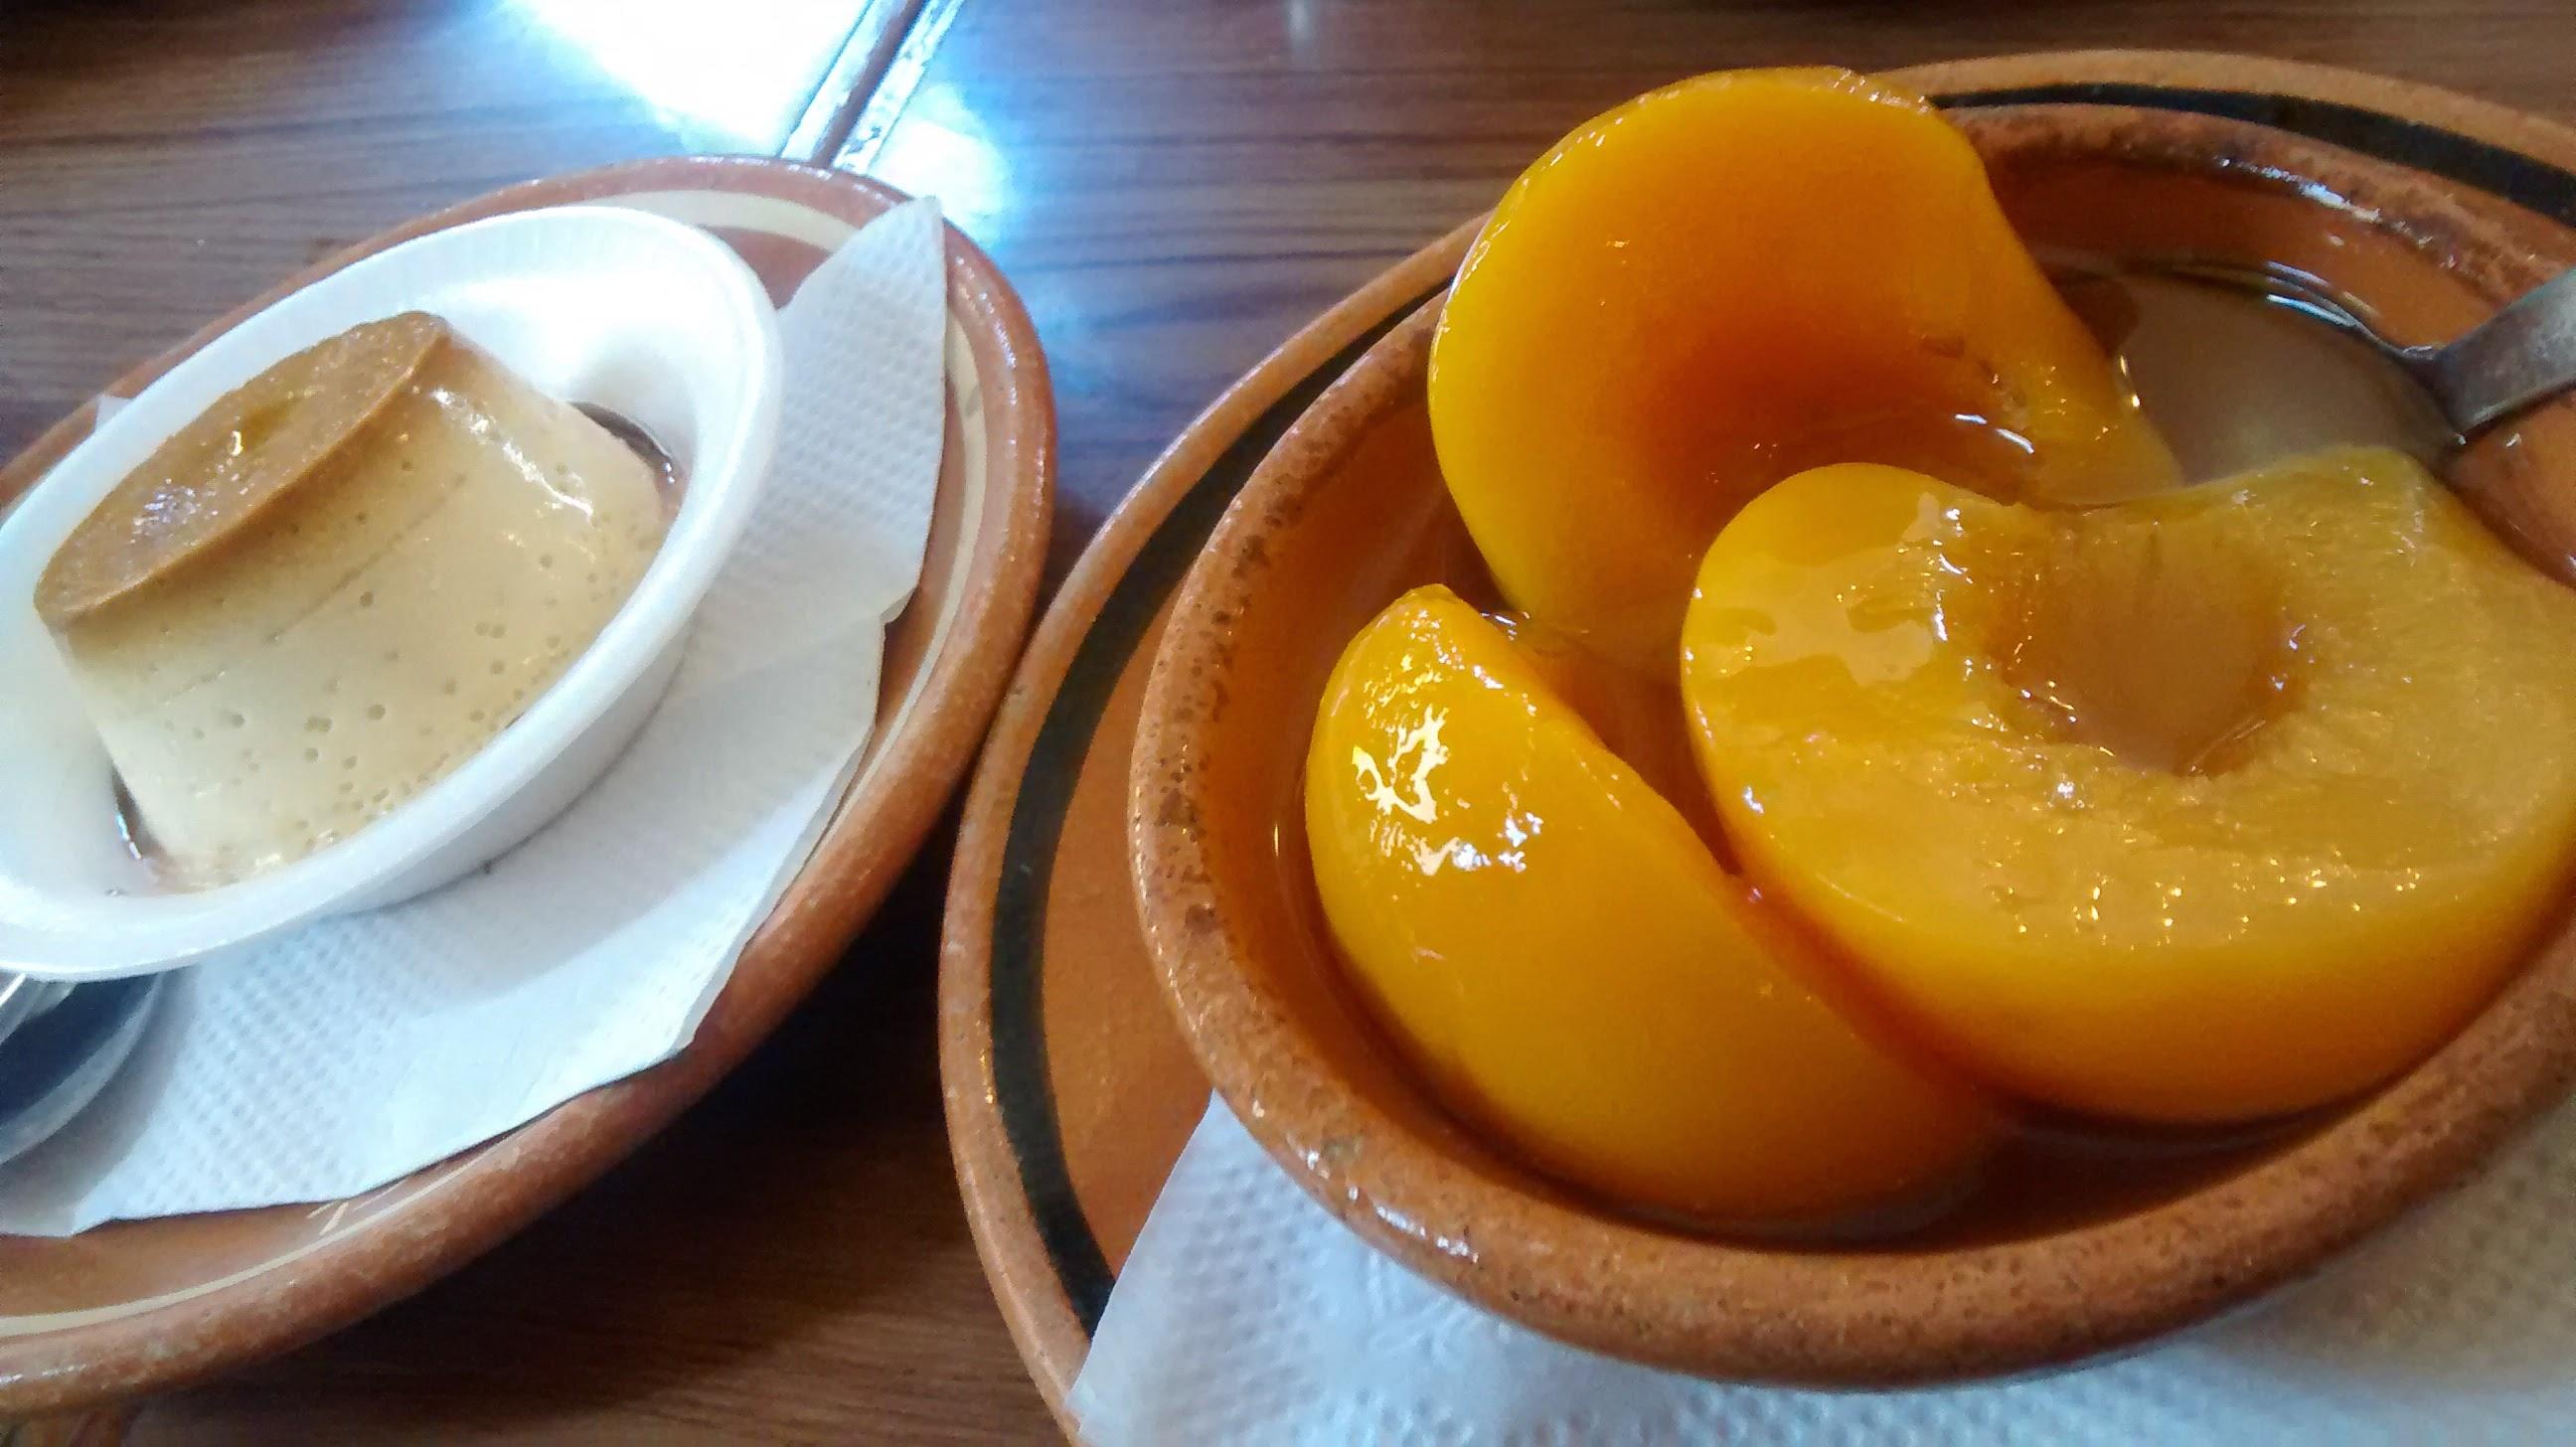 ¿Qué hay en mi alimento? Frutas enlatadas en almíbar